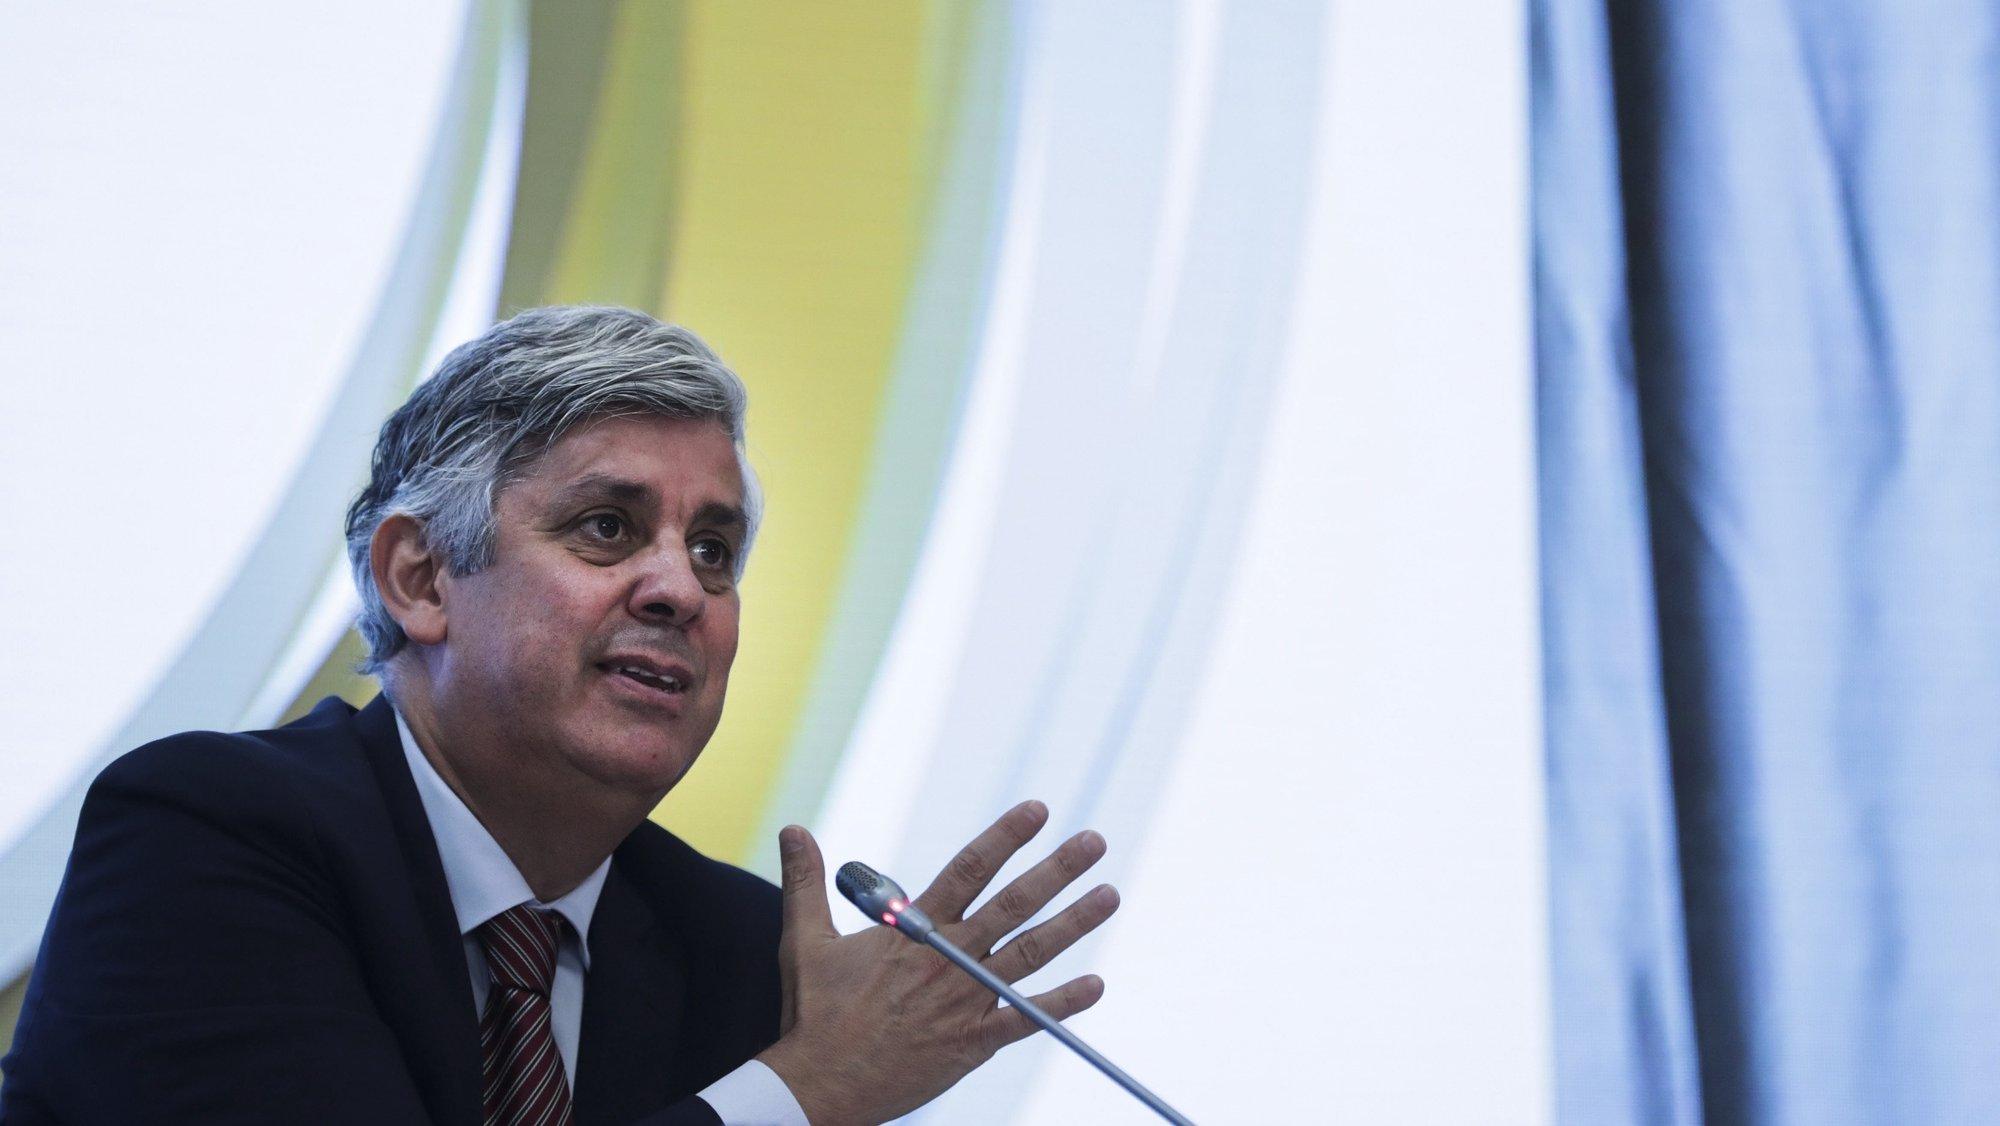 O Governador do Banco de Portugal, Mário Centeno, apresenta o Boletim Económico de outubro de 2021, na sede da instituíção em Lisboa, 06 de outubro de 2021. O Boletim Económico de outubro inclui projeções macroeconómicas para o conjunto do ano e faz uma primeira análise da evolução da economia portuguesa em 2021. TIAGO PETINGA/LUSA